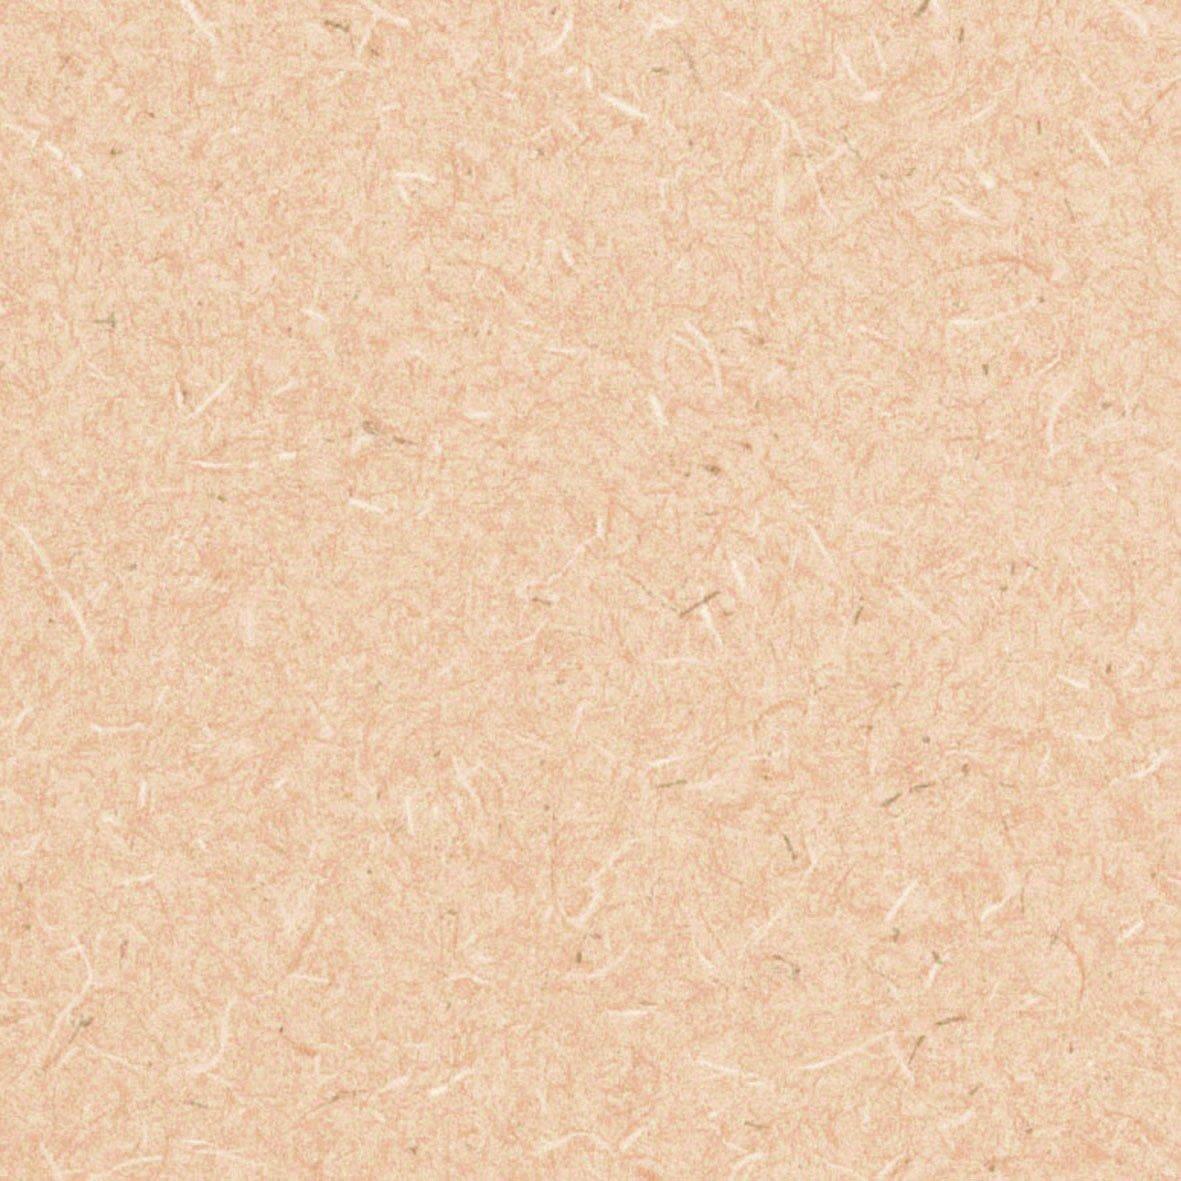 リリカラ 壁紙23m 和 石目調 ベージュ LL-8301 B01N3PRJB2 23m ベージュ2